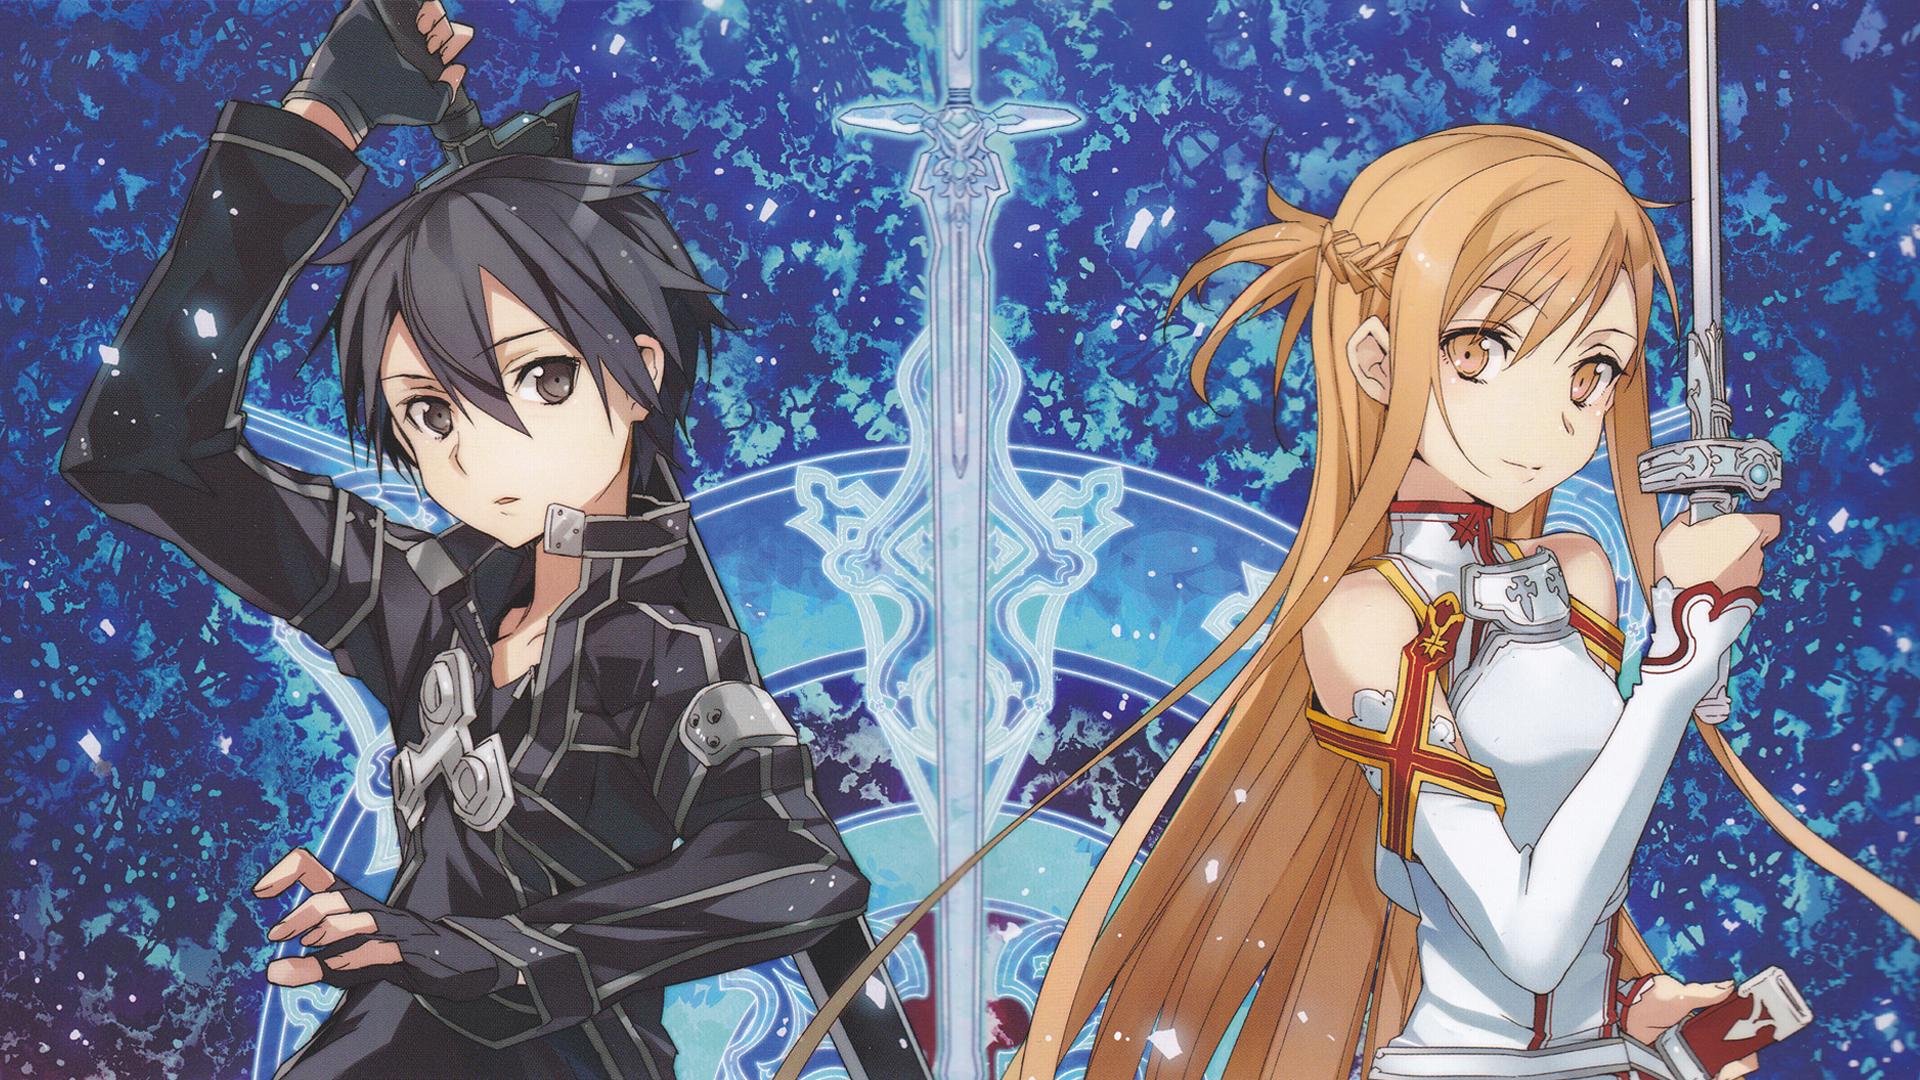 Sword Art Online Kirito and Asuna 2